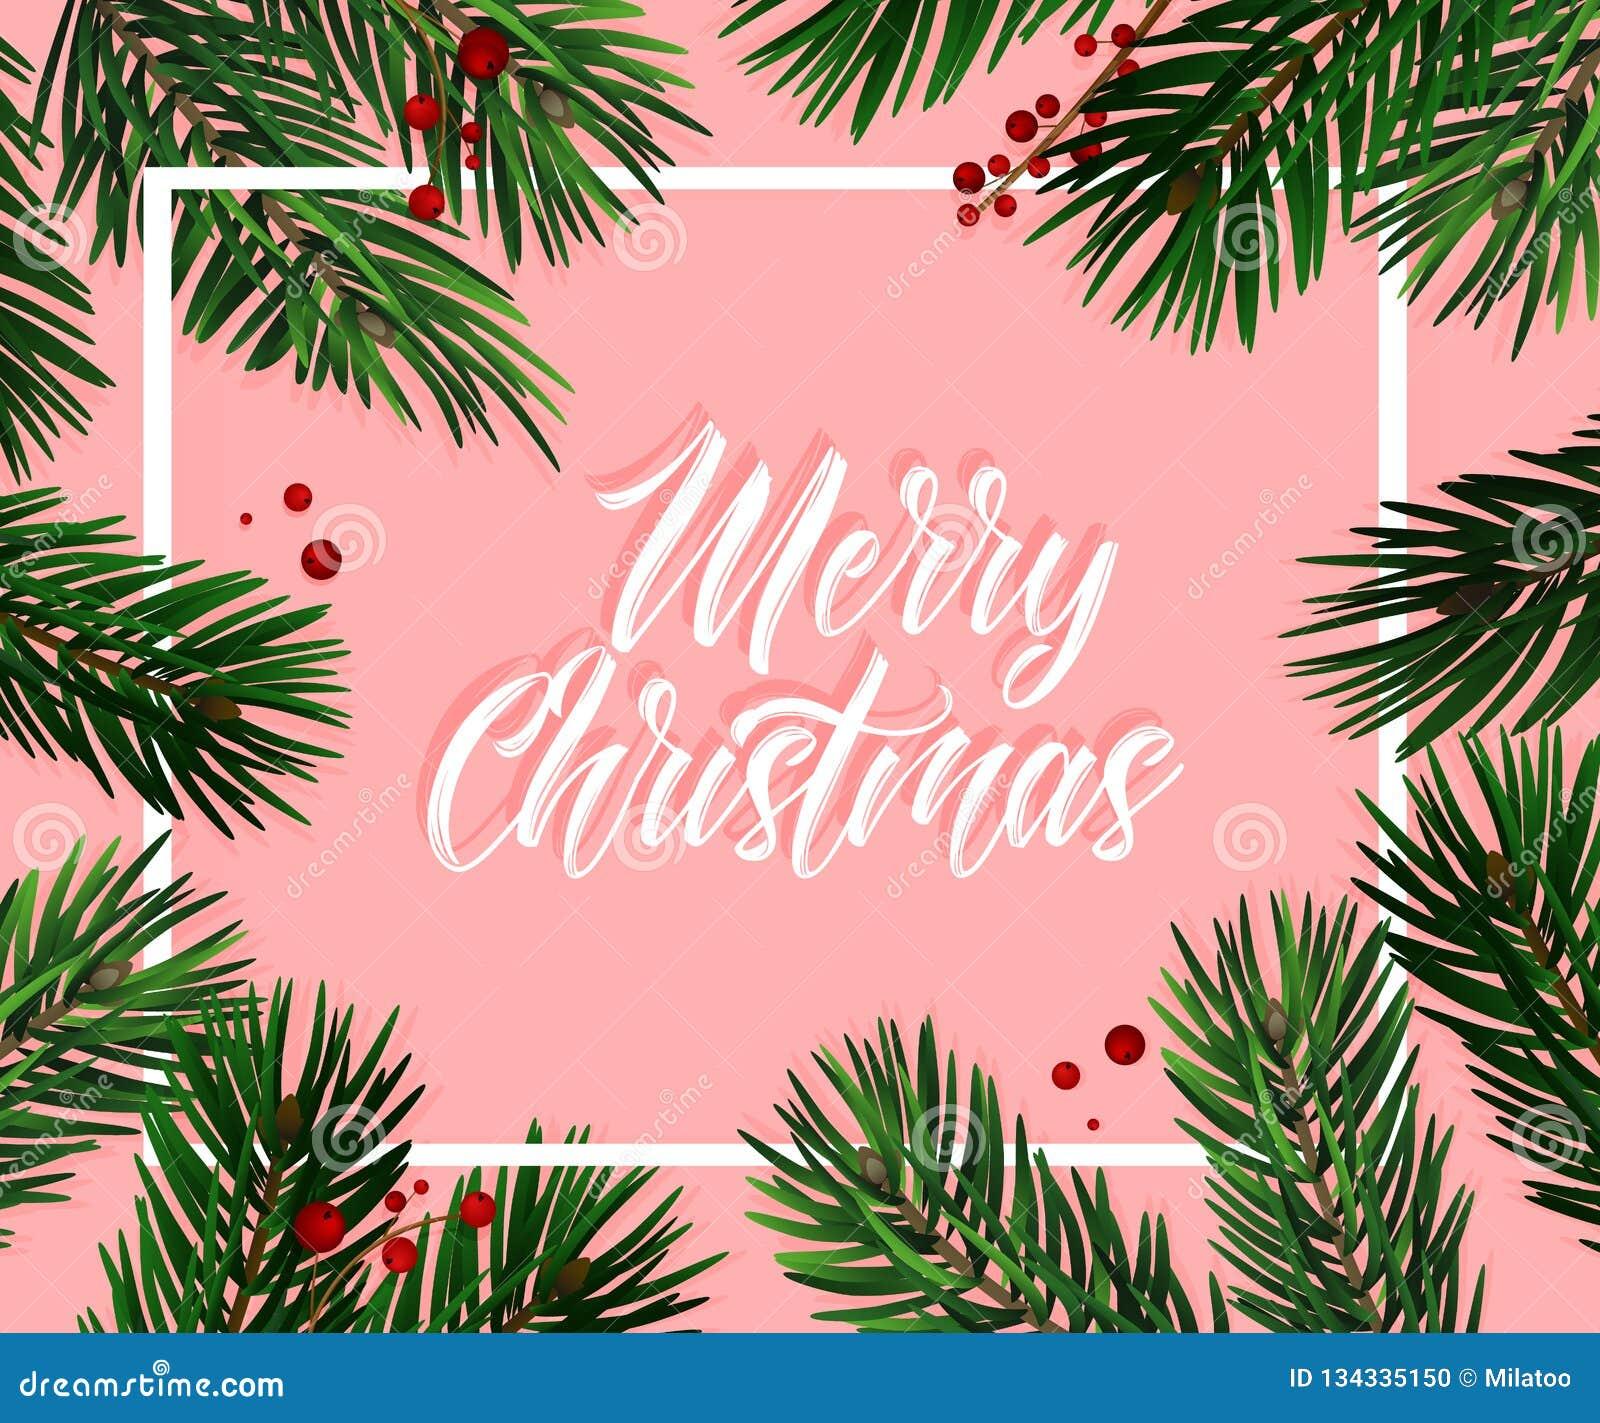 Διανυσματική ευχετήρια κάρτα έλατου χριστουγεννιάτικων δέντρων Μεγάλος για τα ιπτάμενα, αφίσες, επιγραφές ρεαλιστικά Χριστούγεννα